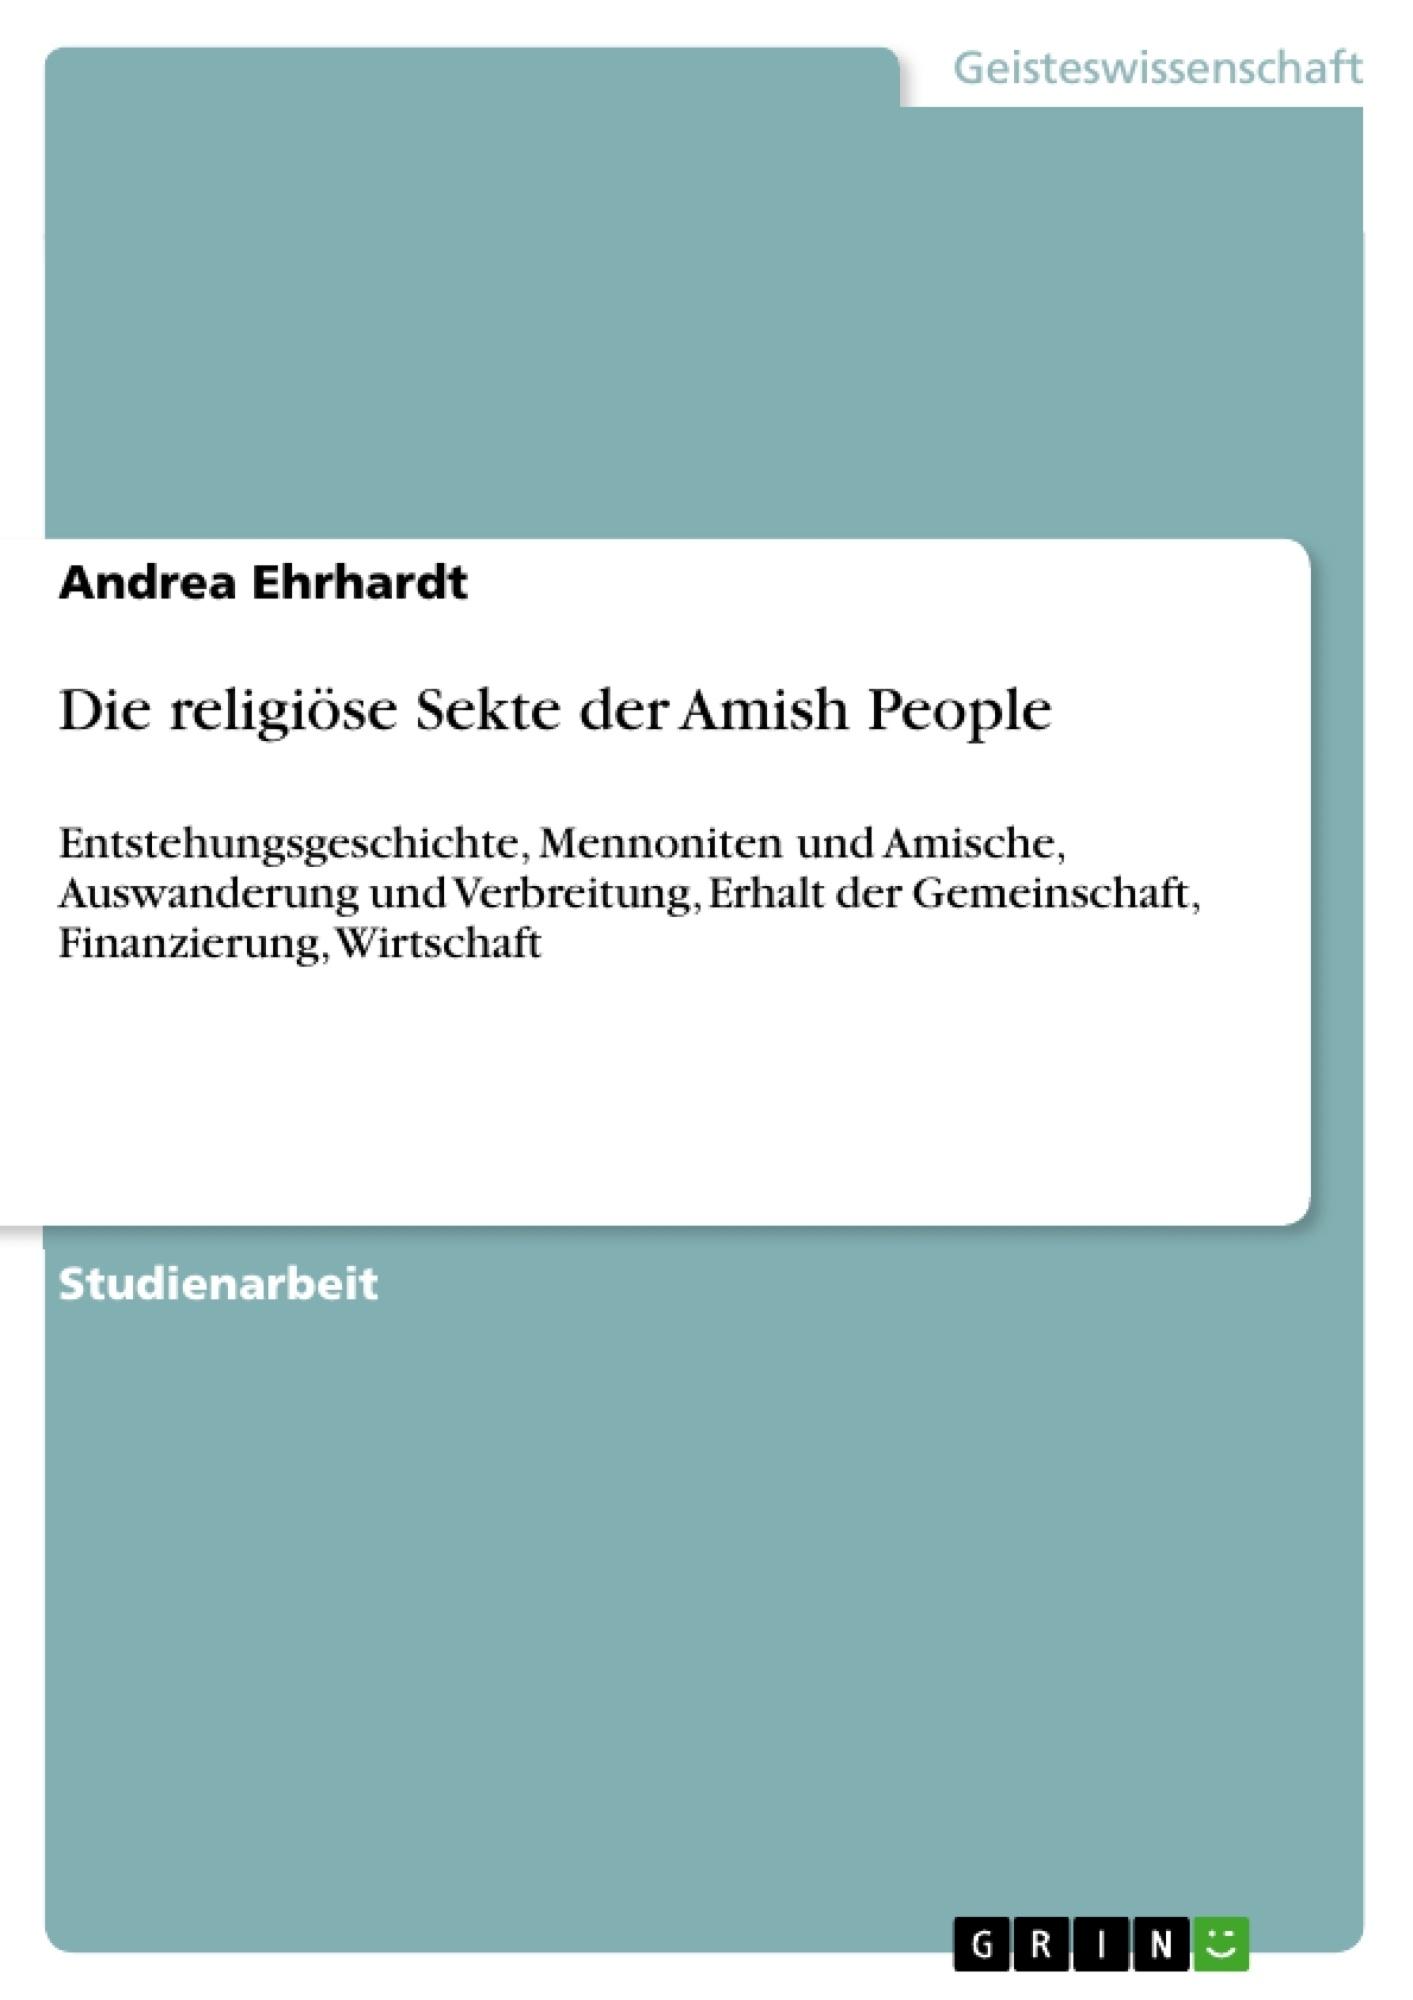 Titel: Die religiöse Sekte der Amish People